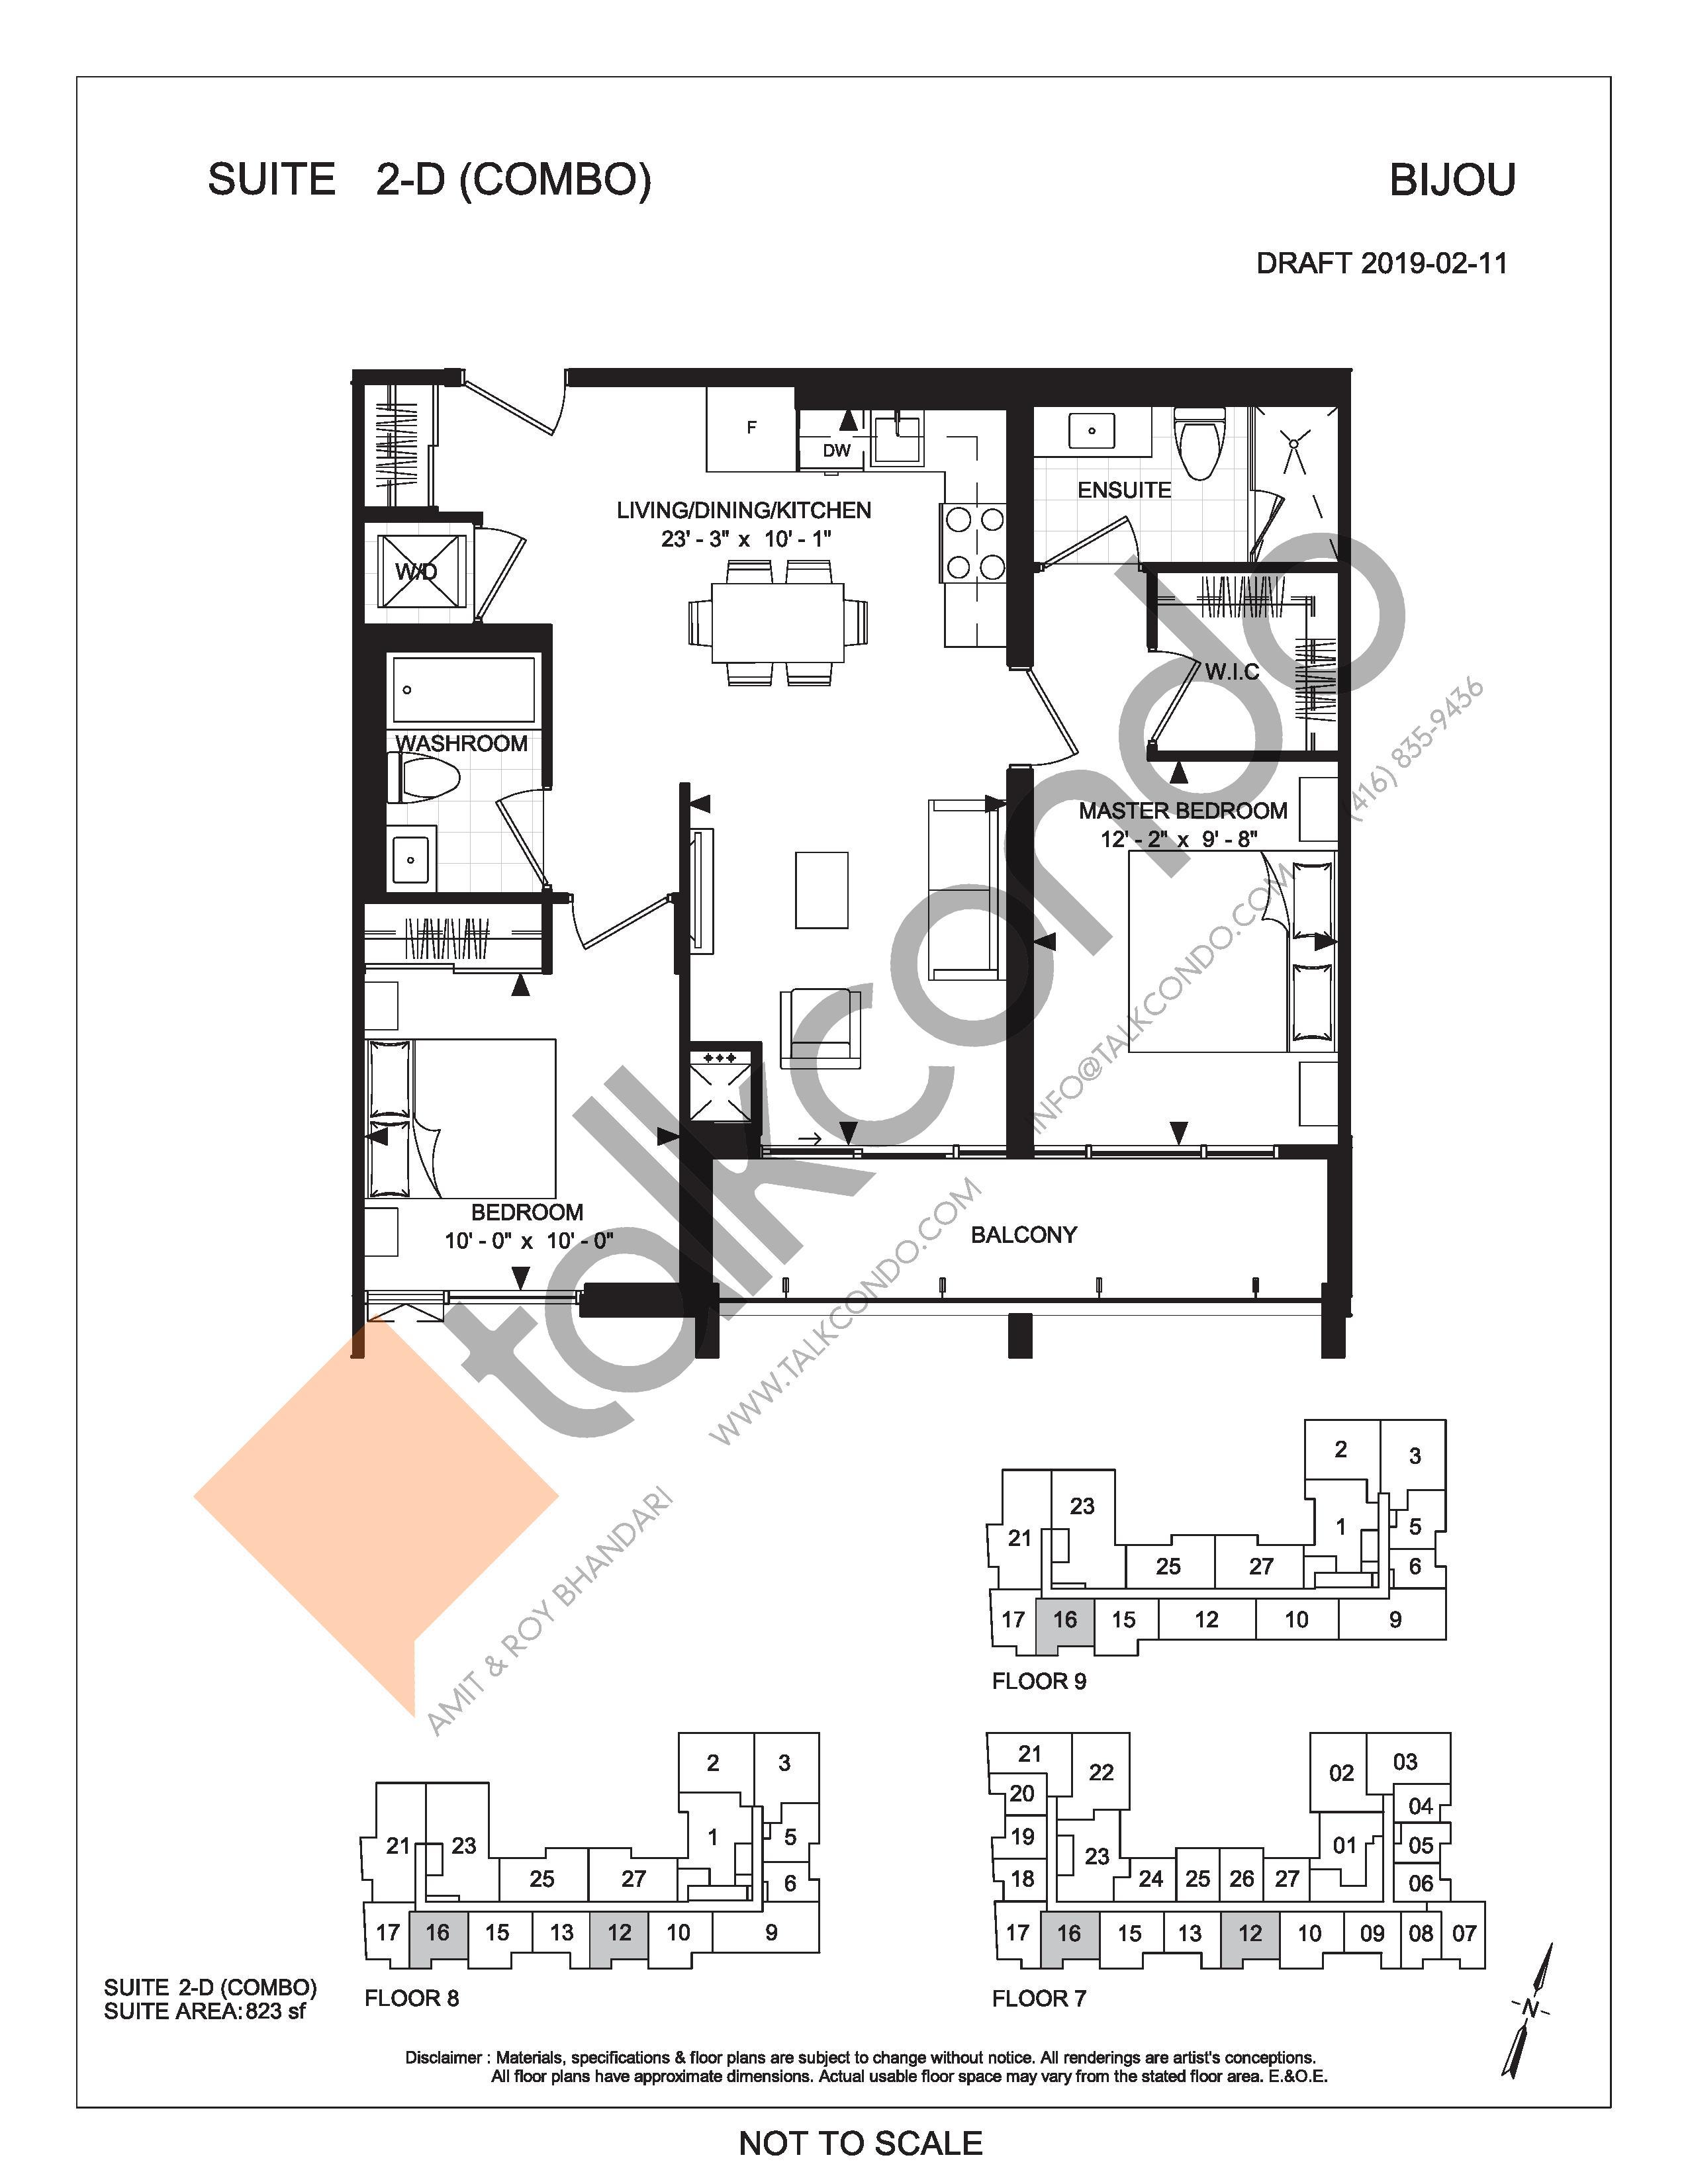 Suite 2-D (Combo) Floor Plan at Bijou On Bloor Condos - 823 sq.ft